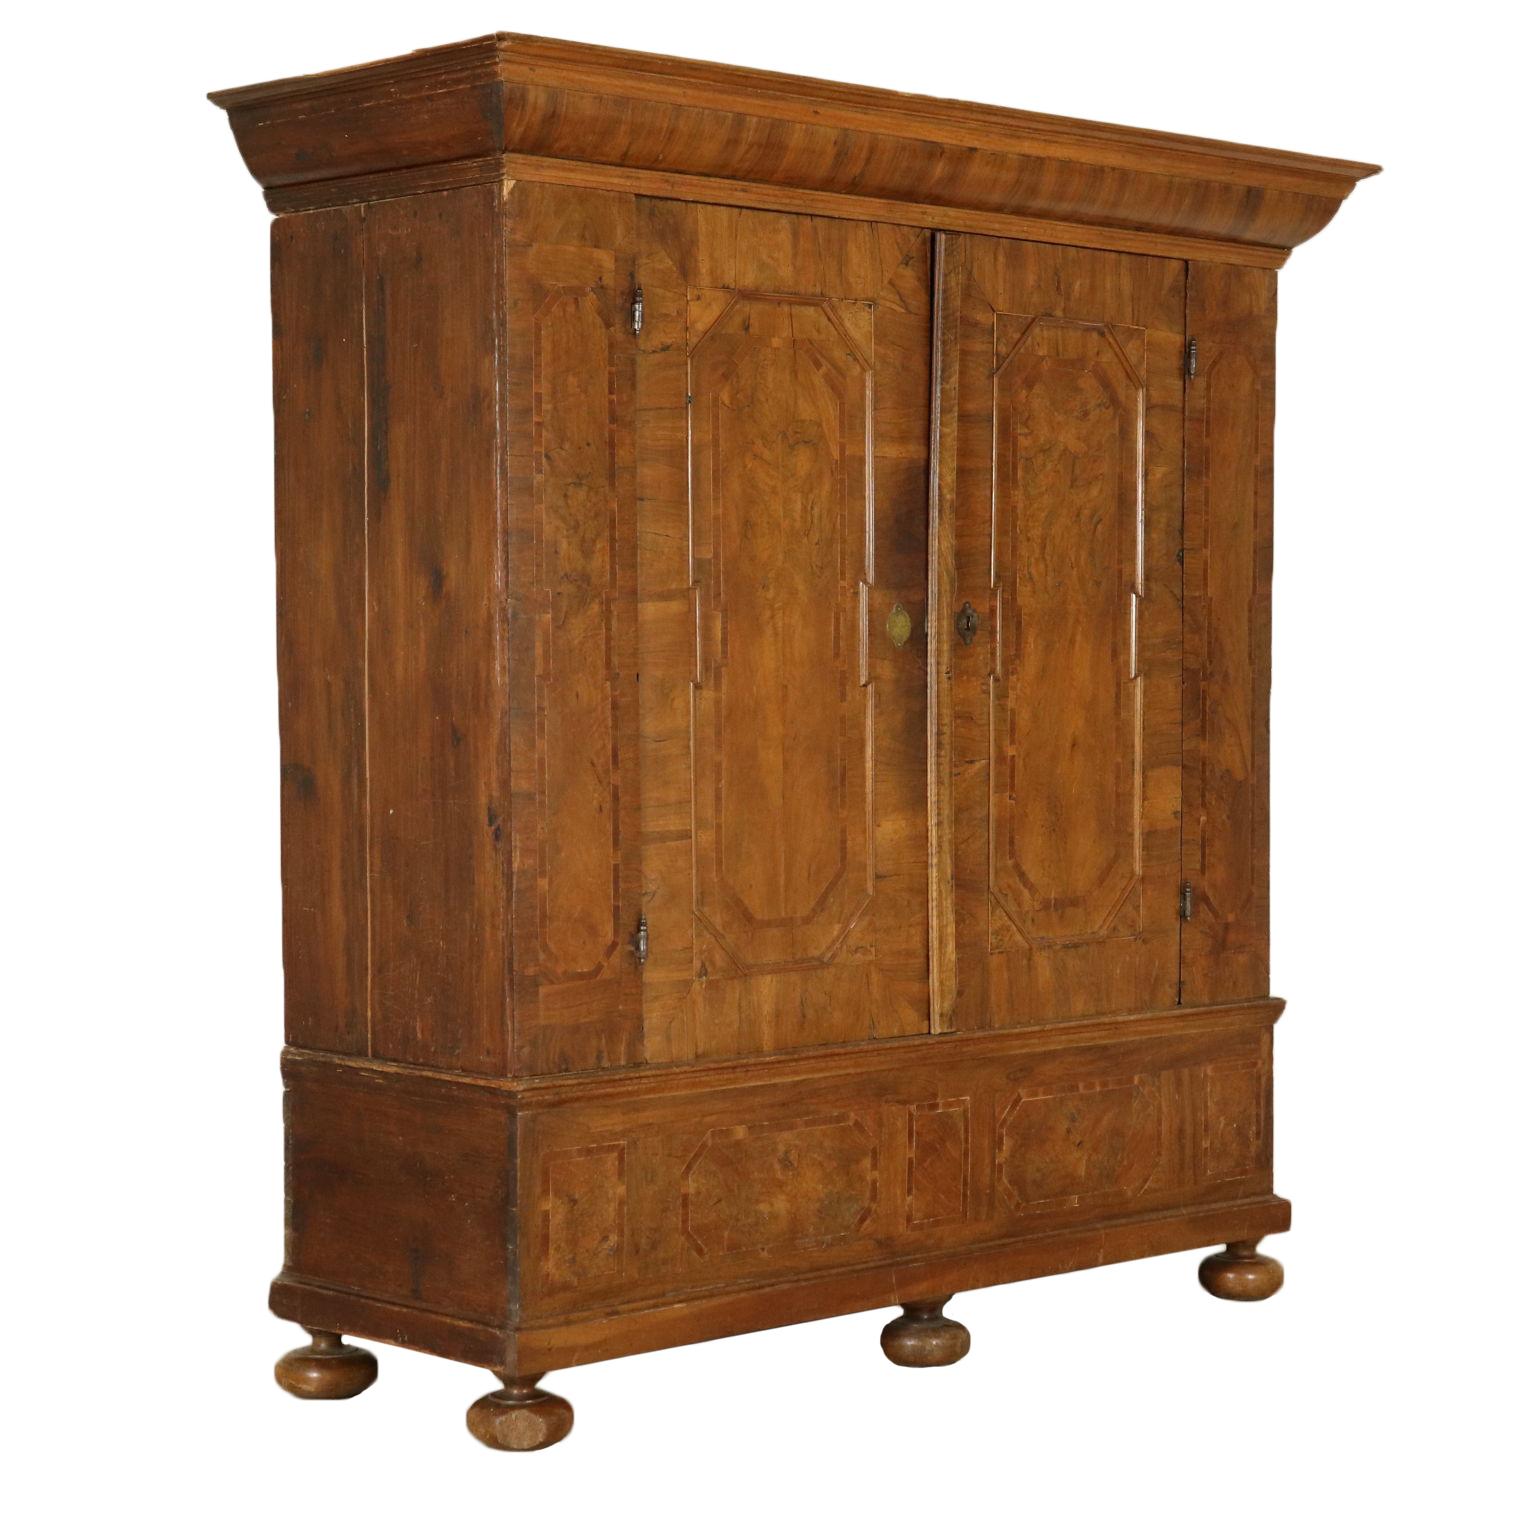 armoire avec deux portes de l 39 allemagne meubles de style bottega del 900. Black Bedroom Furniture Sets. Home Design Ideas